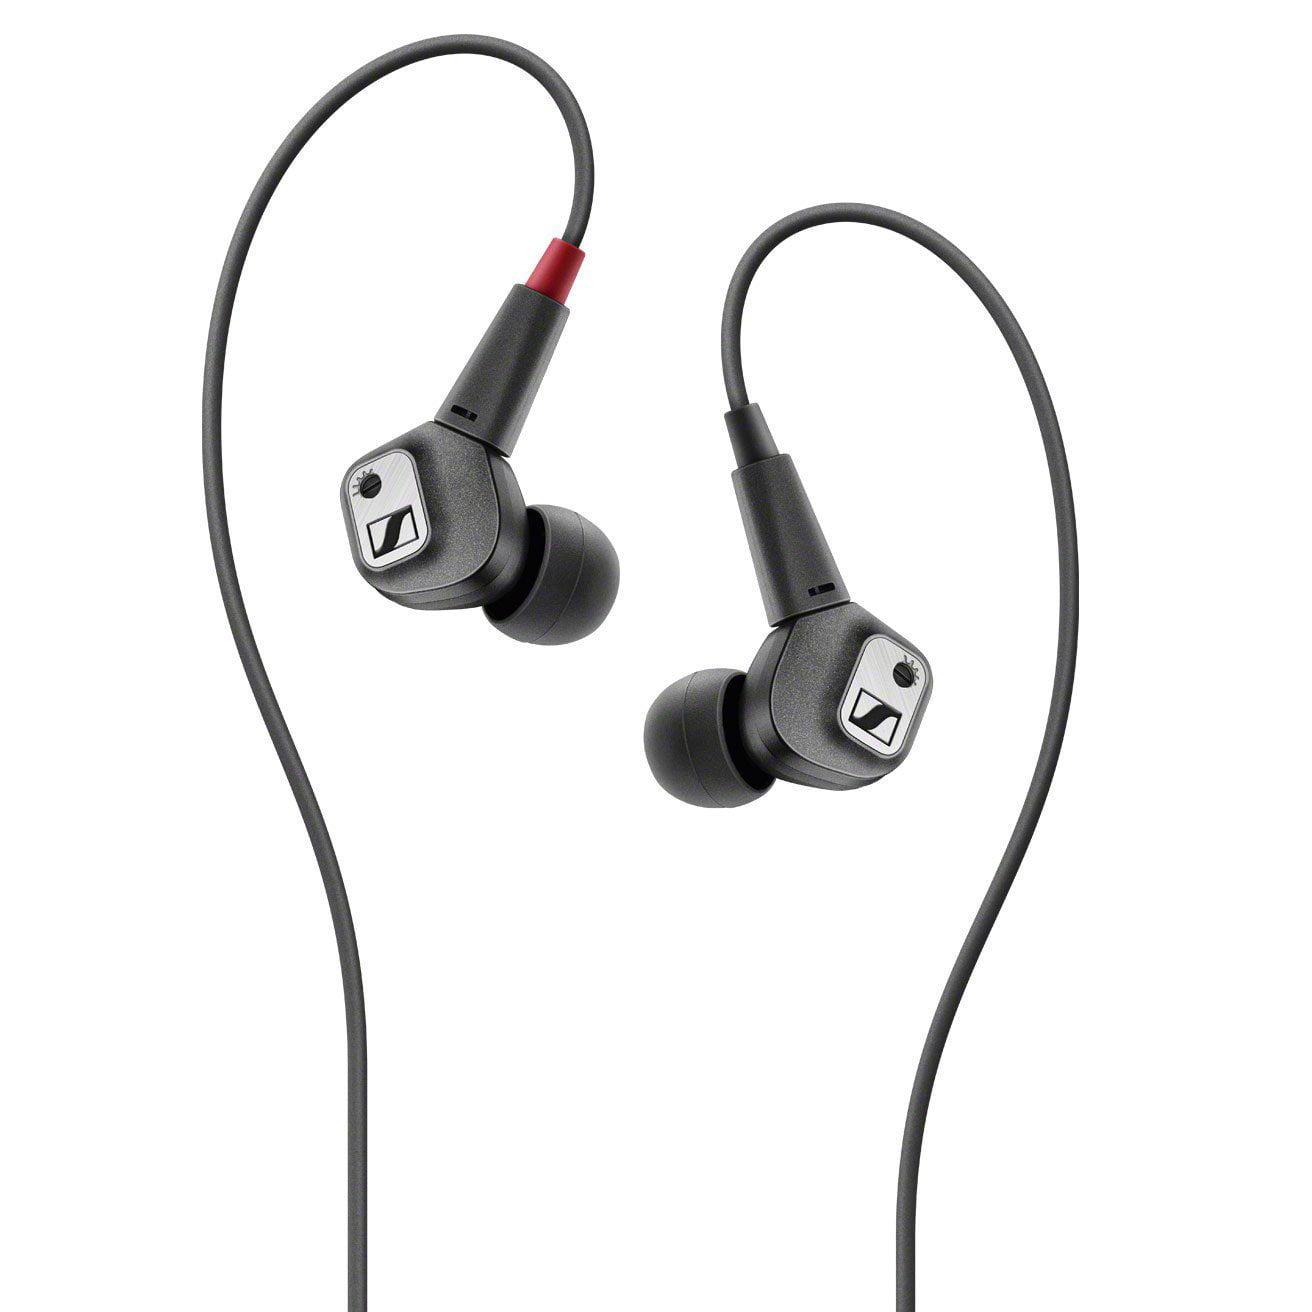 Sennheiser IE 80 S Pro-Inspired In-Ear Headphones